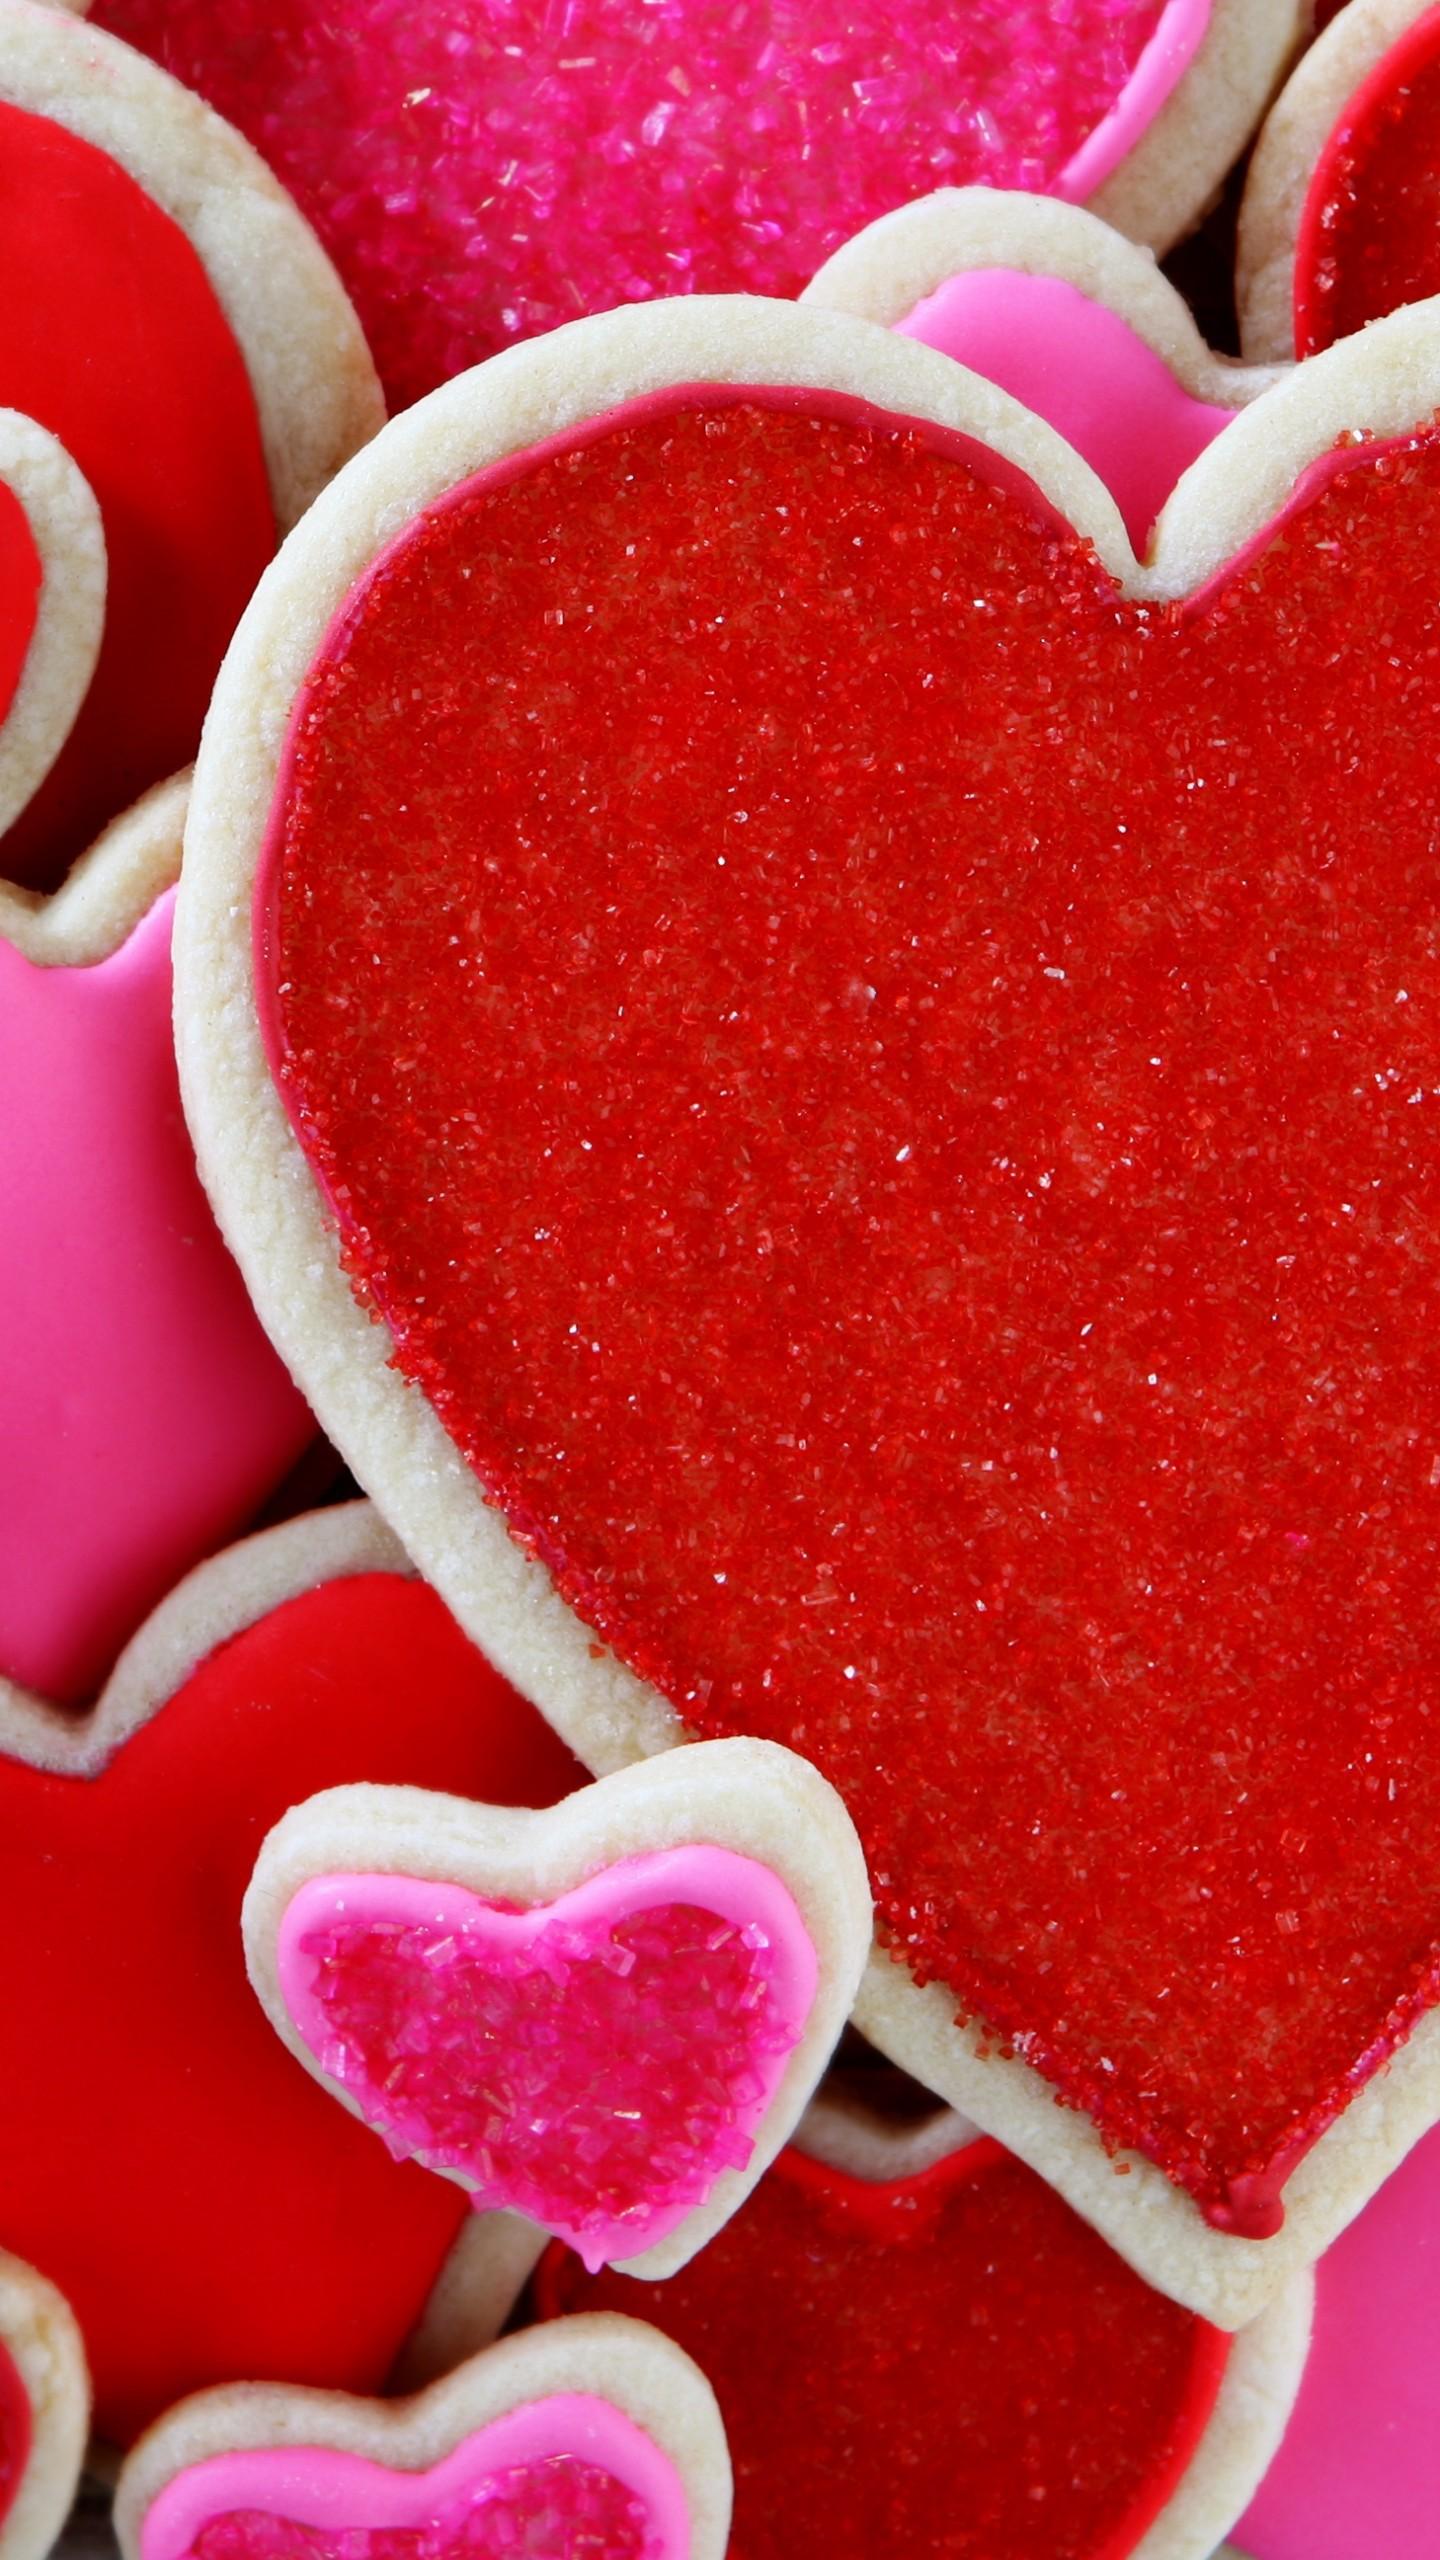 عکس زمینه قلب های بیسکویتی قرمز رنگ پس زمینه